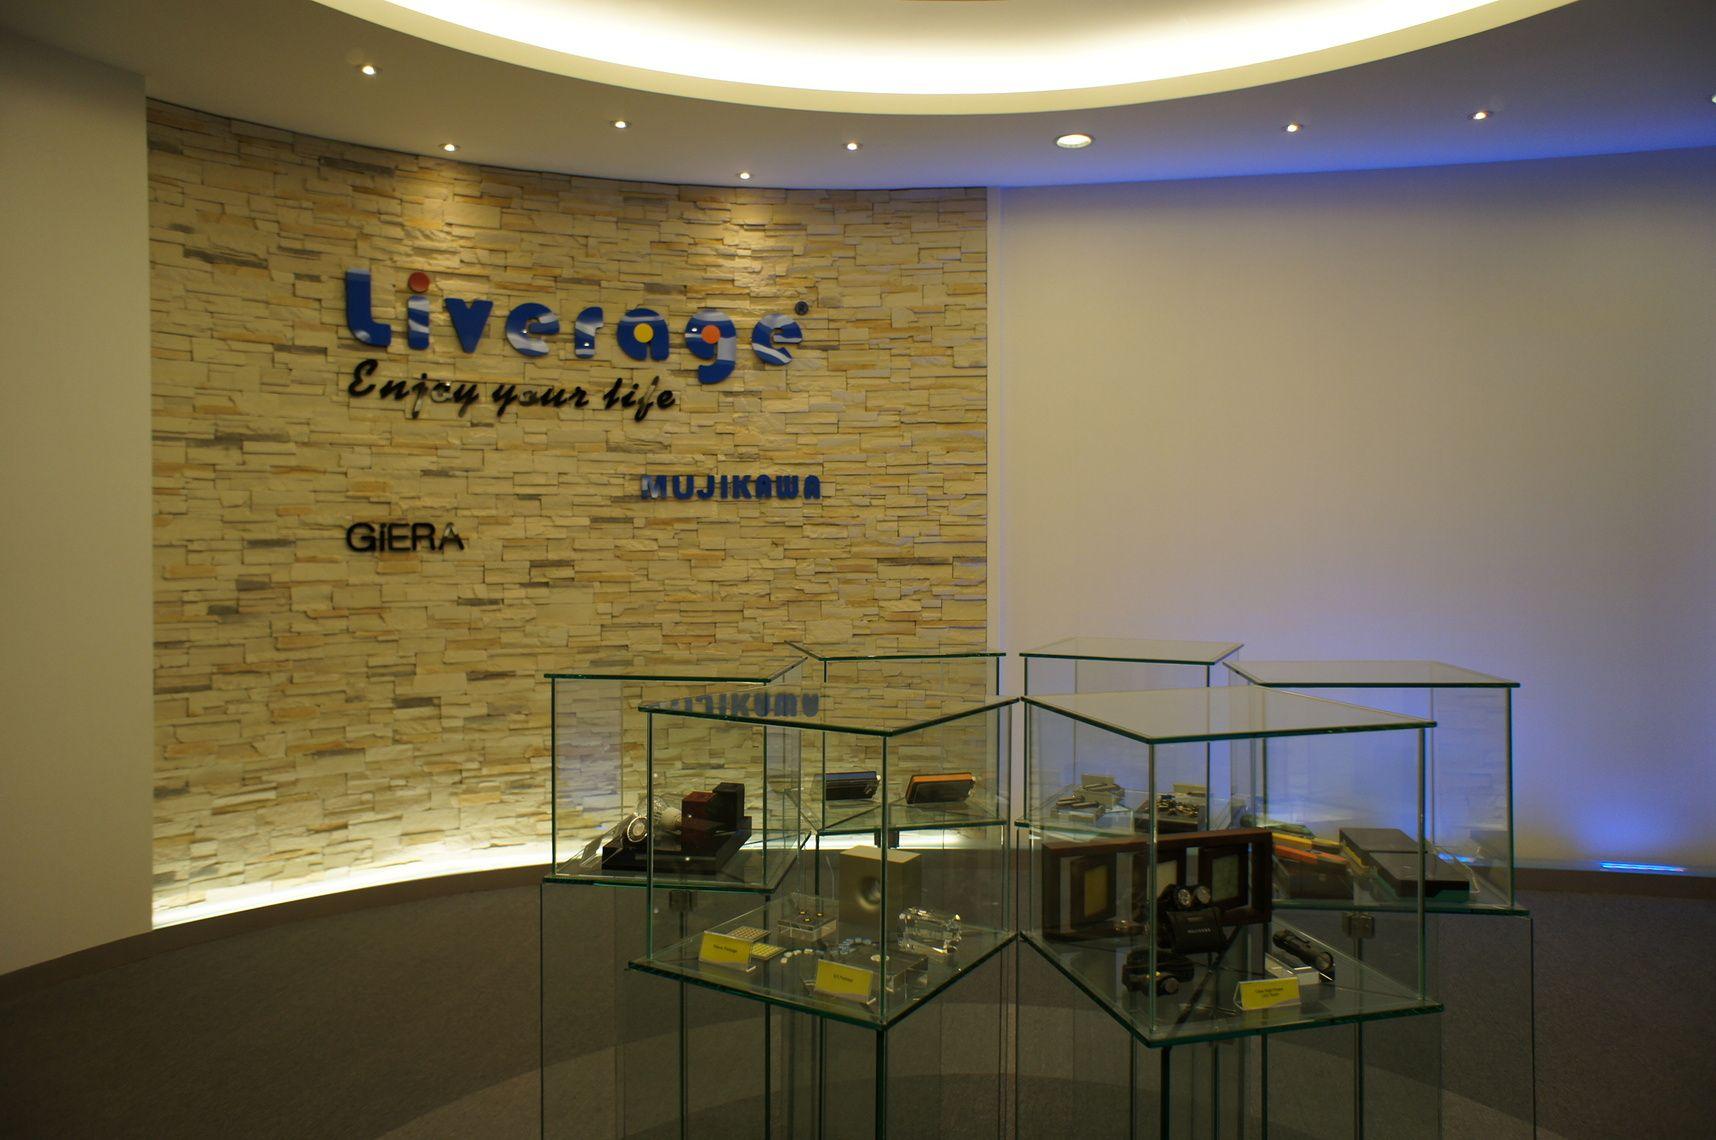 Liverage Technology Inc. zajmuje się komunikacją światłowodową od ponad 15 lat.